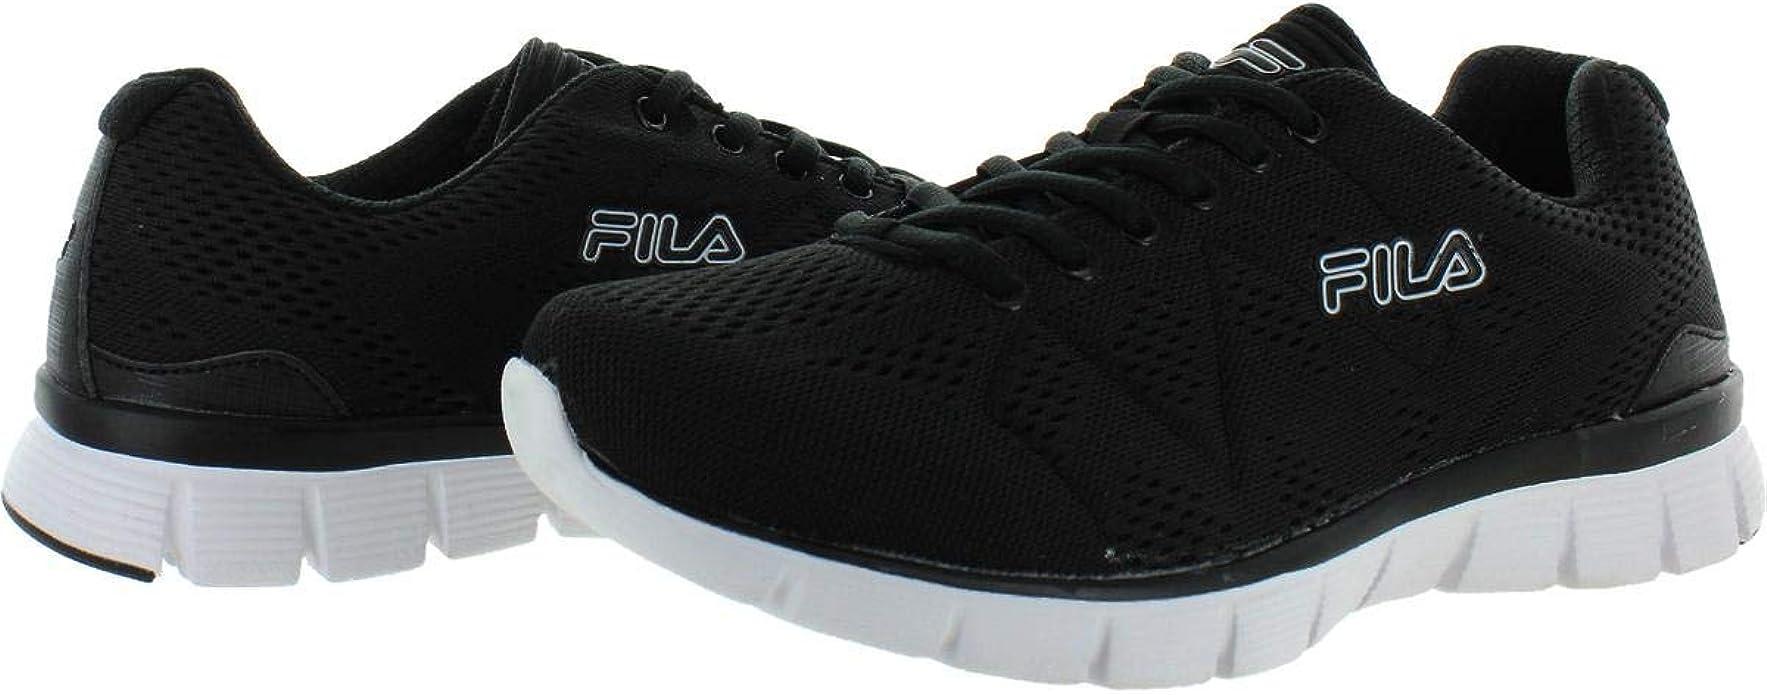 Fila Men's Athletic Shoe Memory Foam